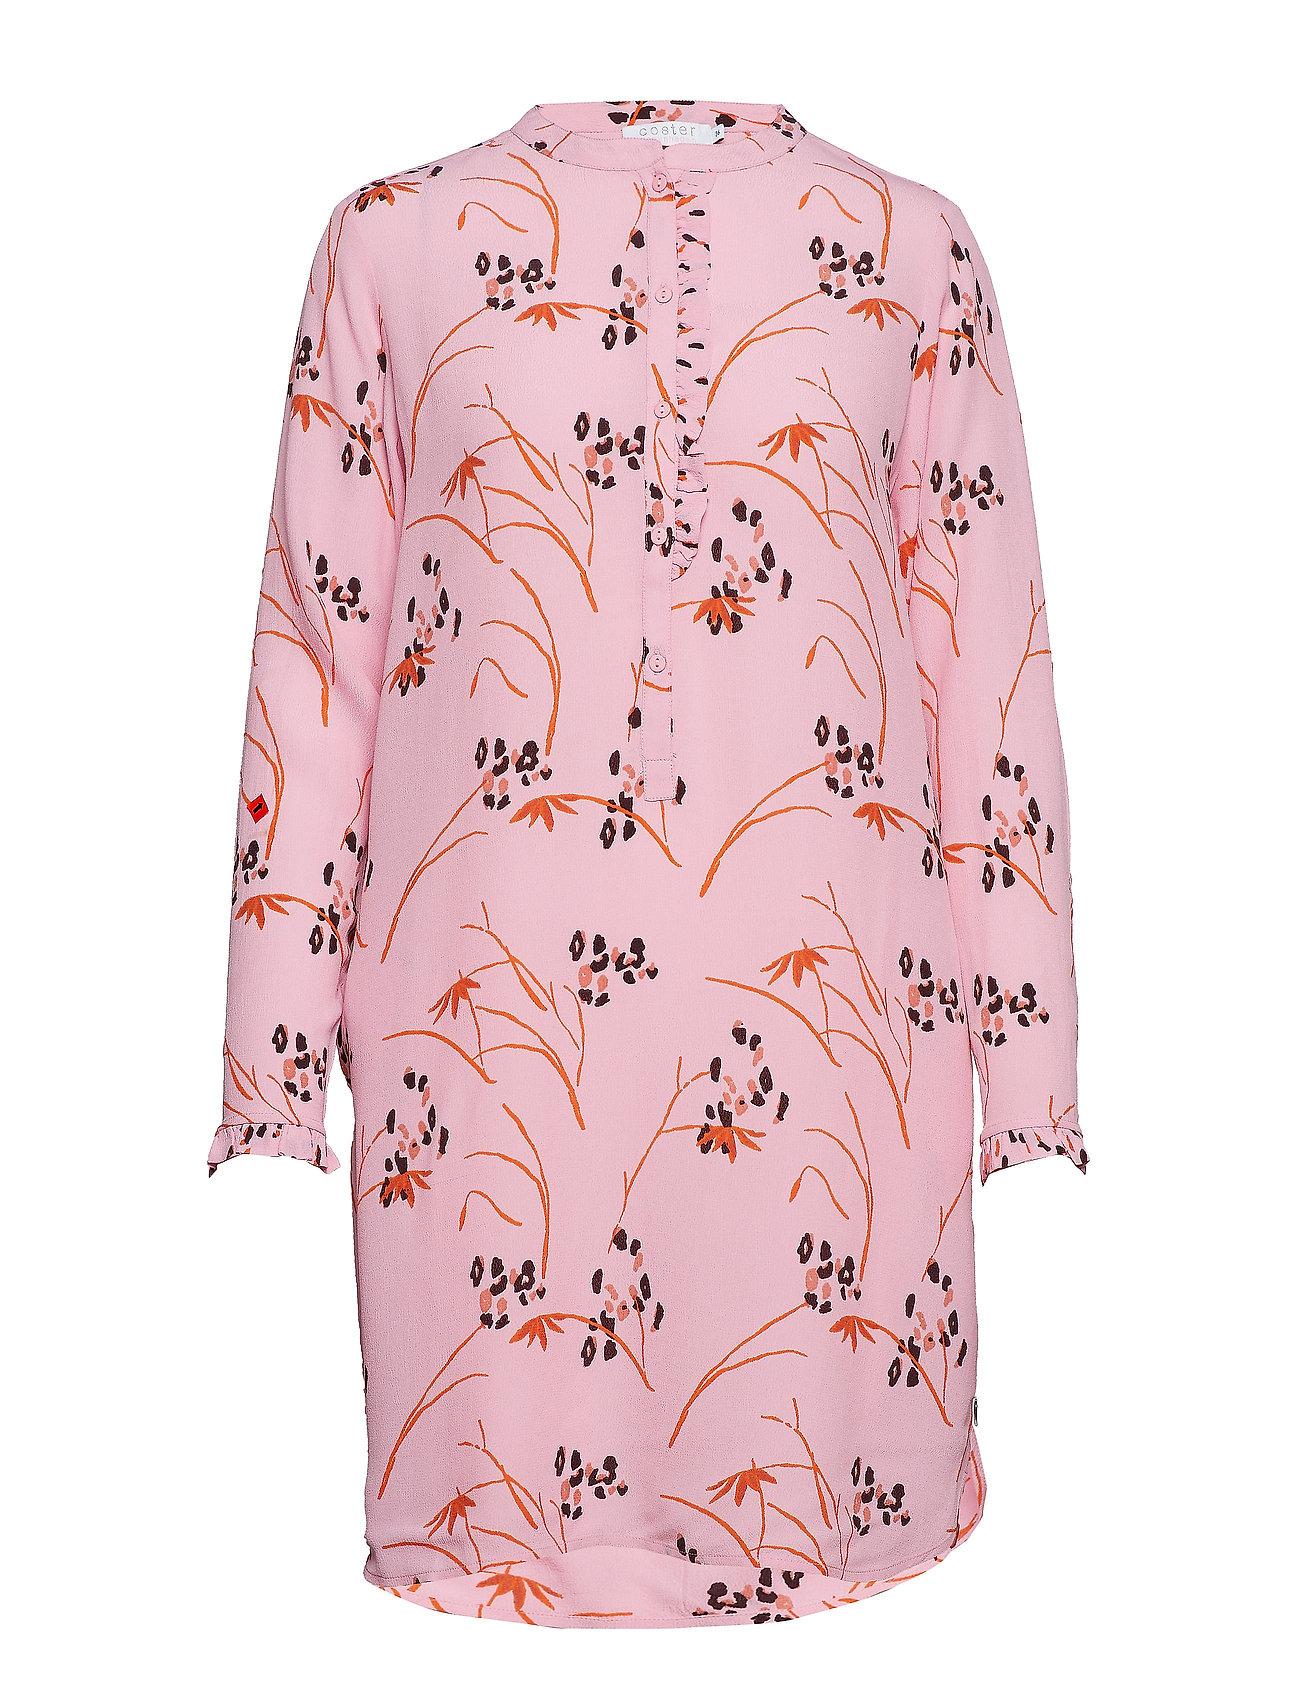 PrintpinkCoster Hibiscus Dress Copenhagen Shirt In 8nwkOP0X